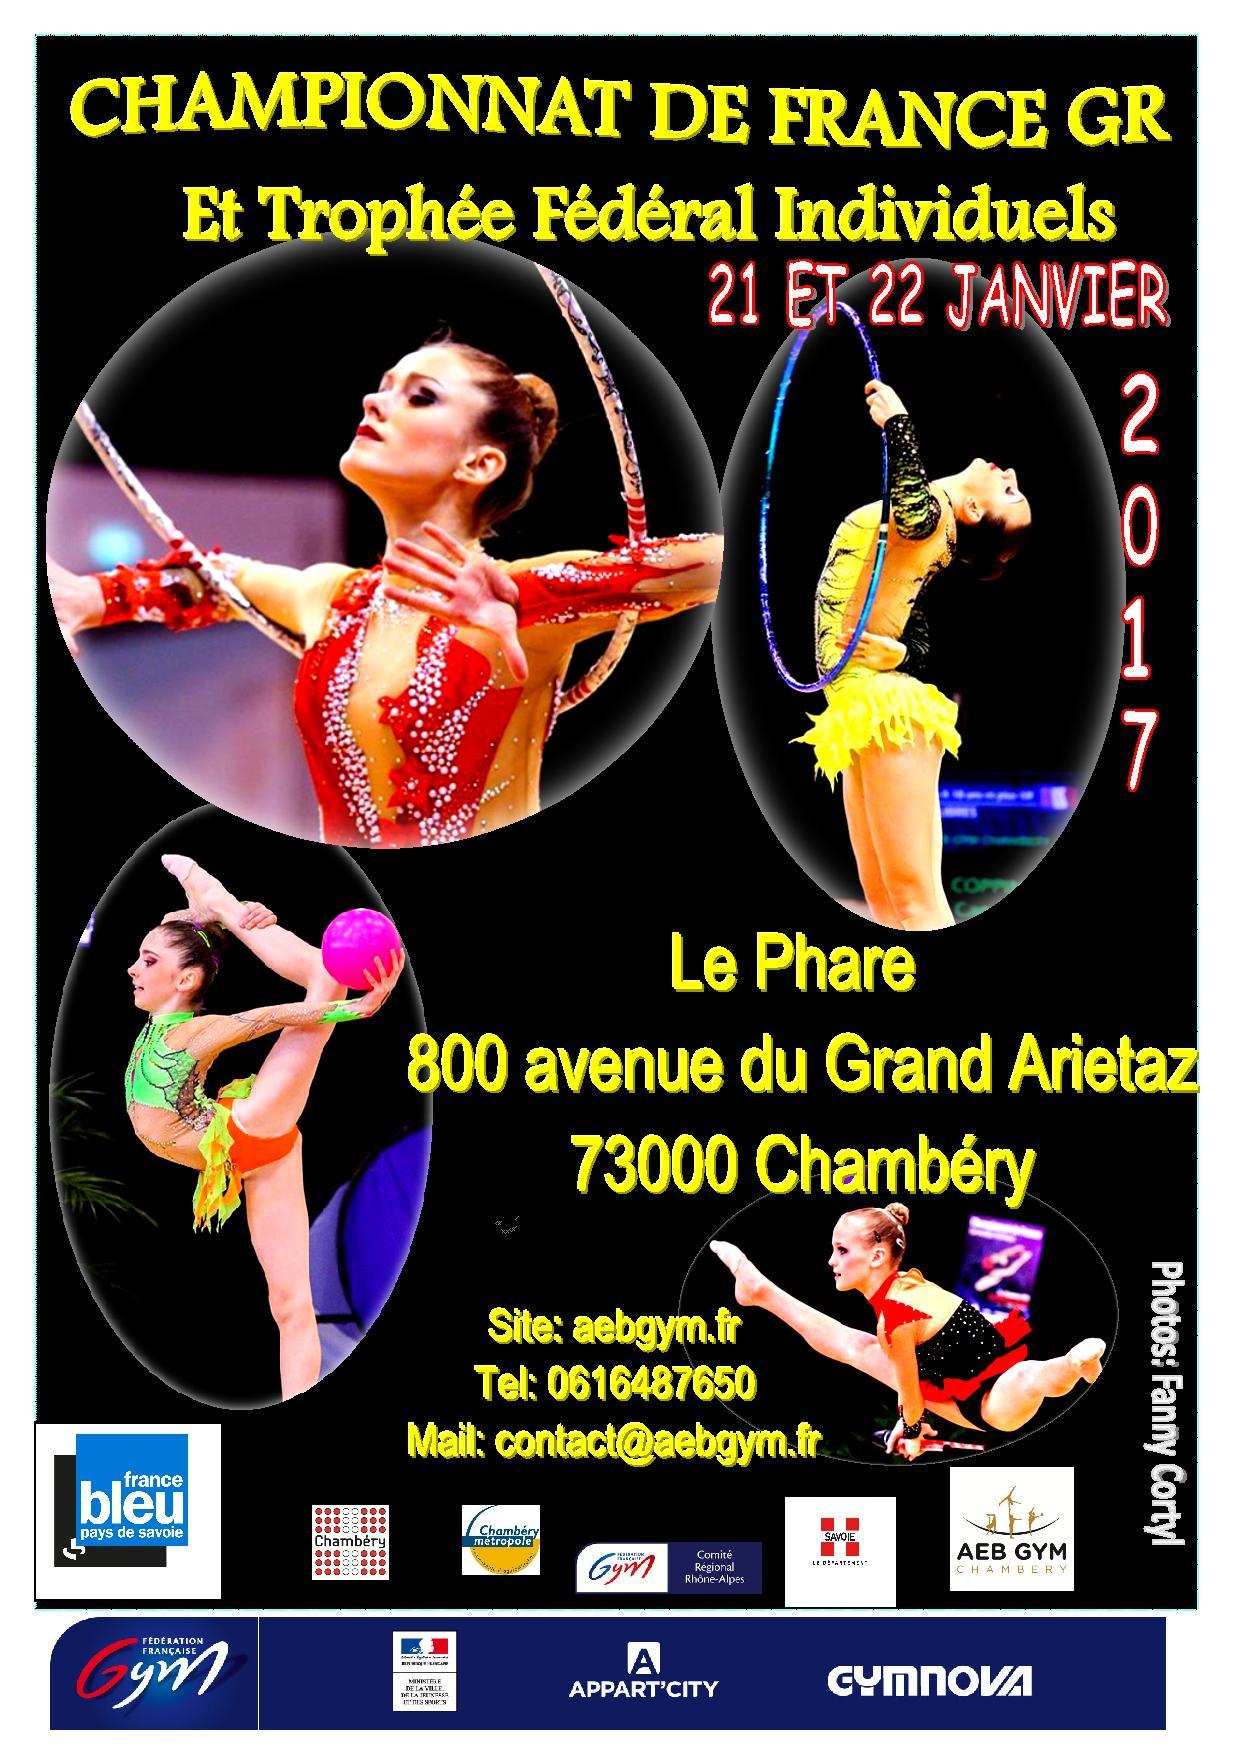 GR - Championnat de France - Chambéry 21 et 22 janvier 2017